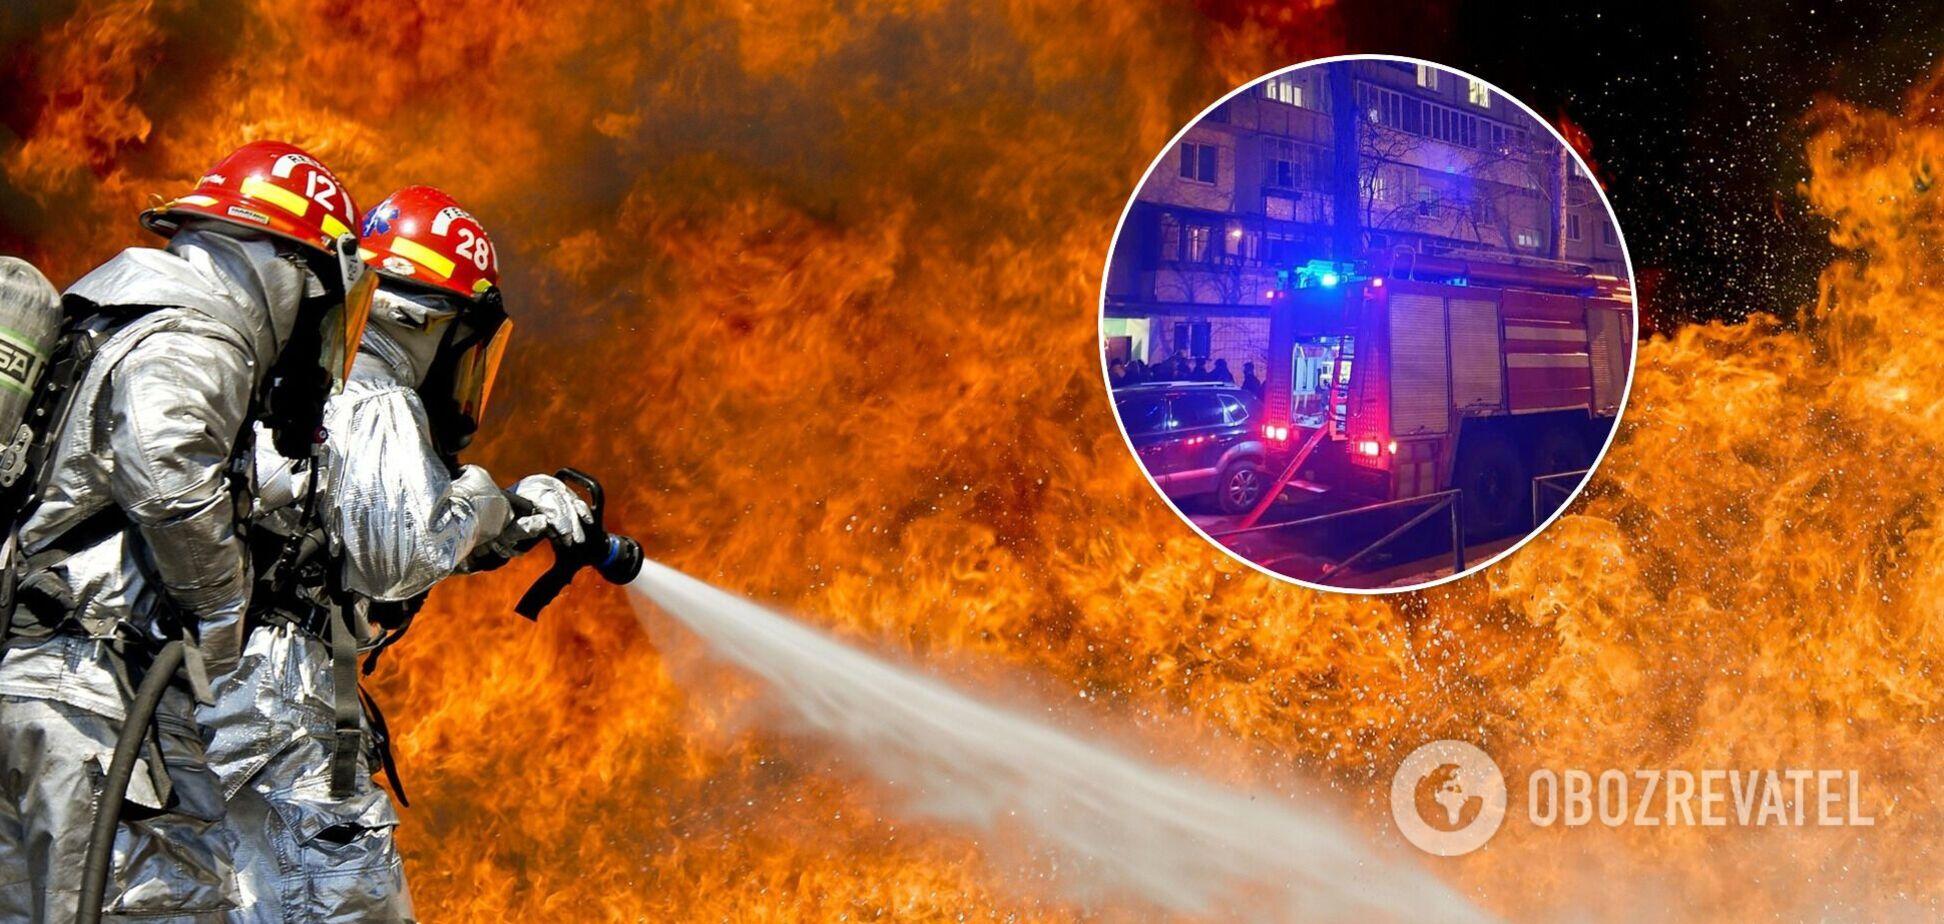 У багатоповерхівці Києва сталася потужна пожежа, є постраждалі. Фото та відео